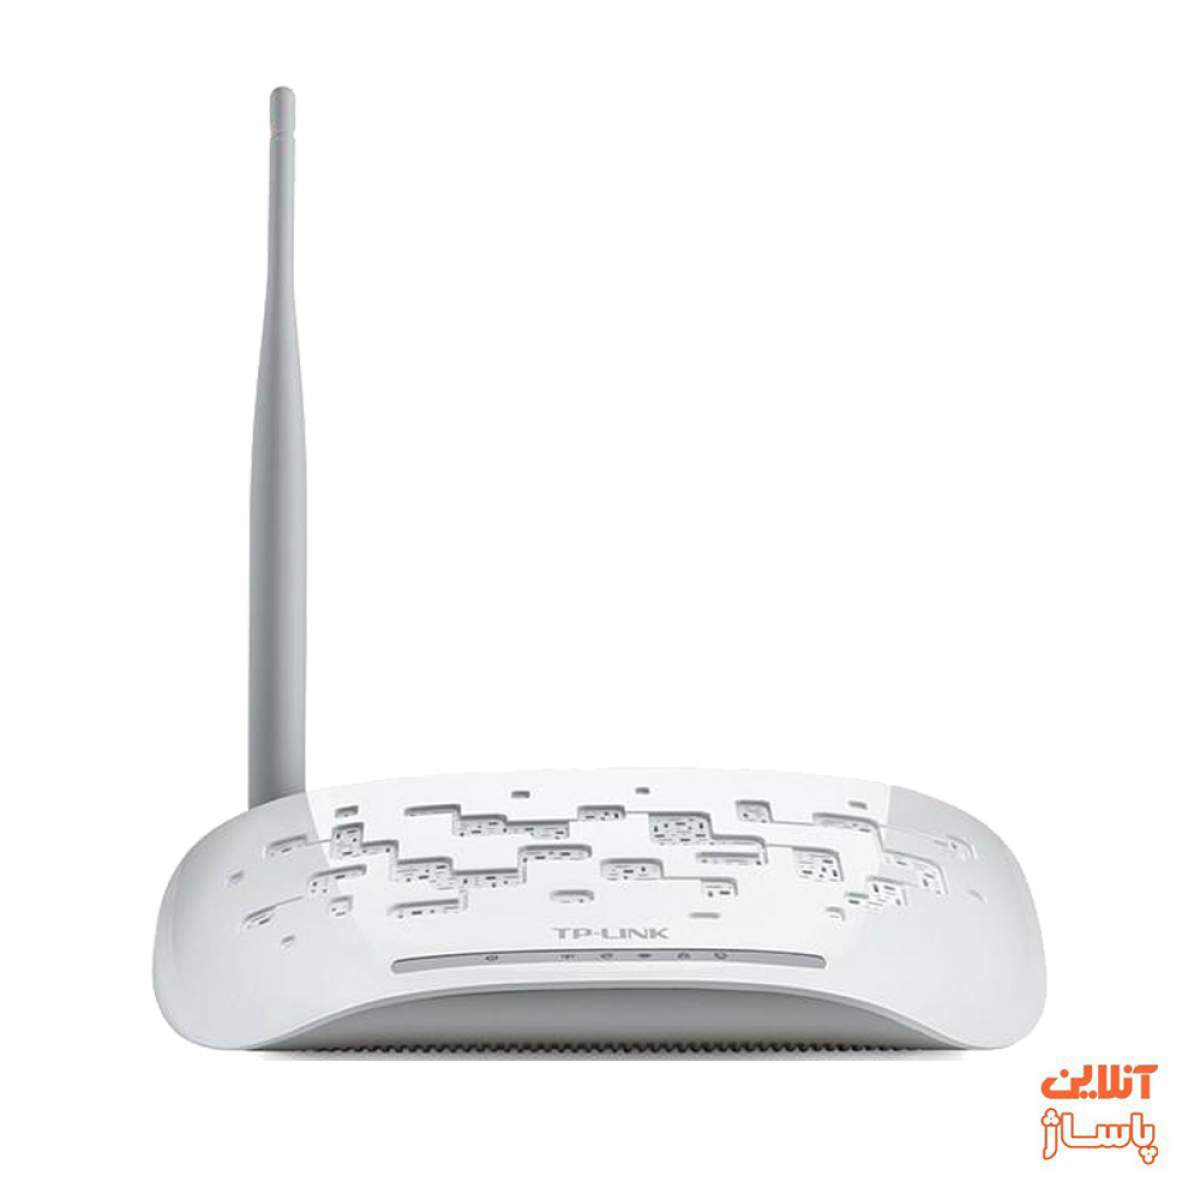 مودم روتر بیسیم تی پی-لینک سری +ADSL2 مدل TD-W8151N_V1